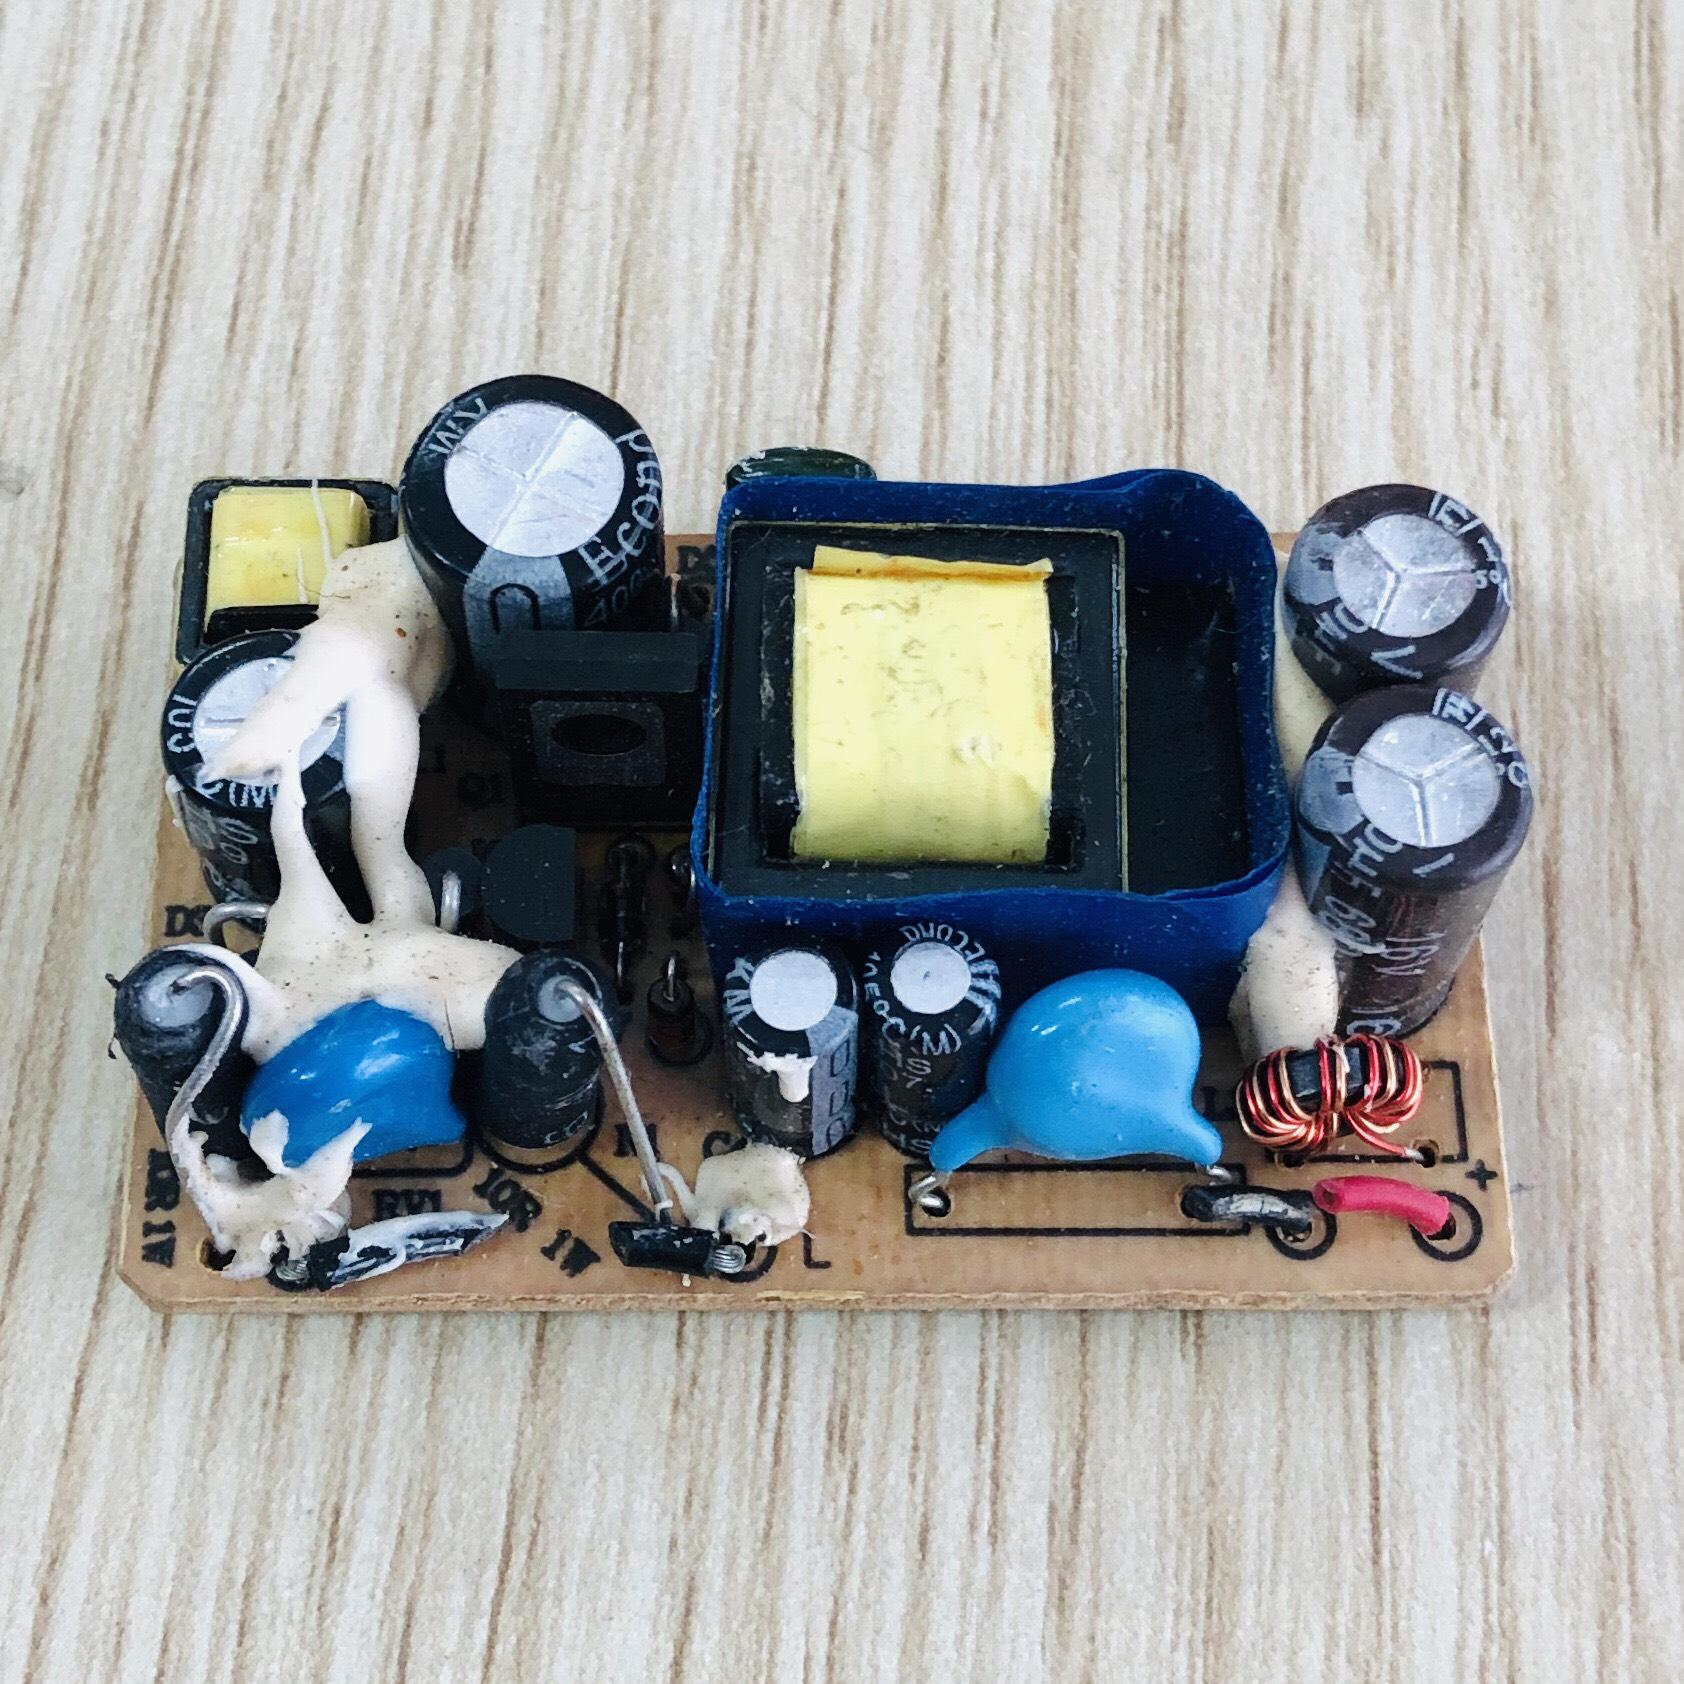 Nguồn adapter 12V 1A 12V1A không vỏ (hàng tháo máy)